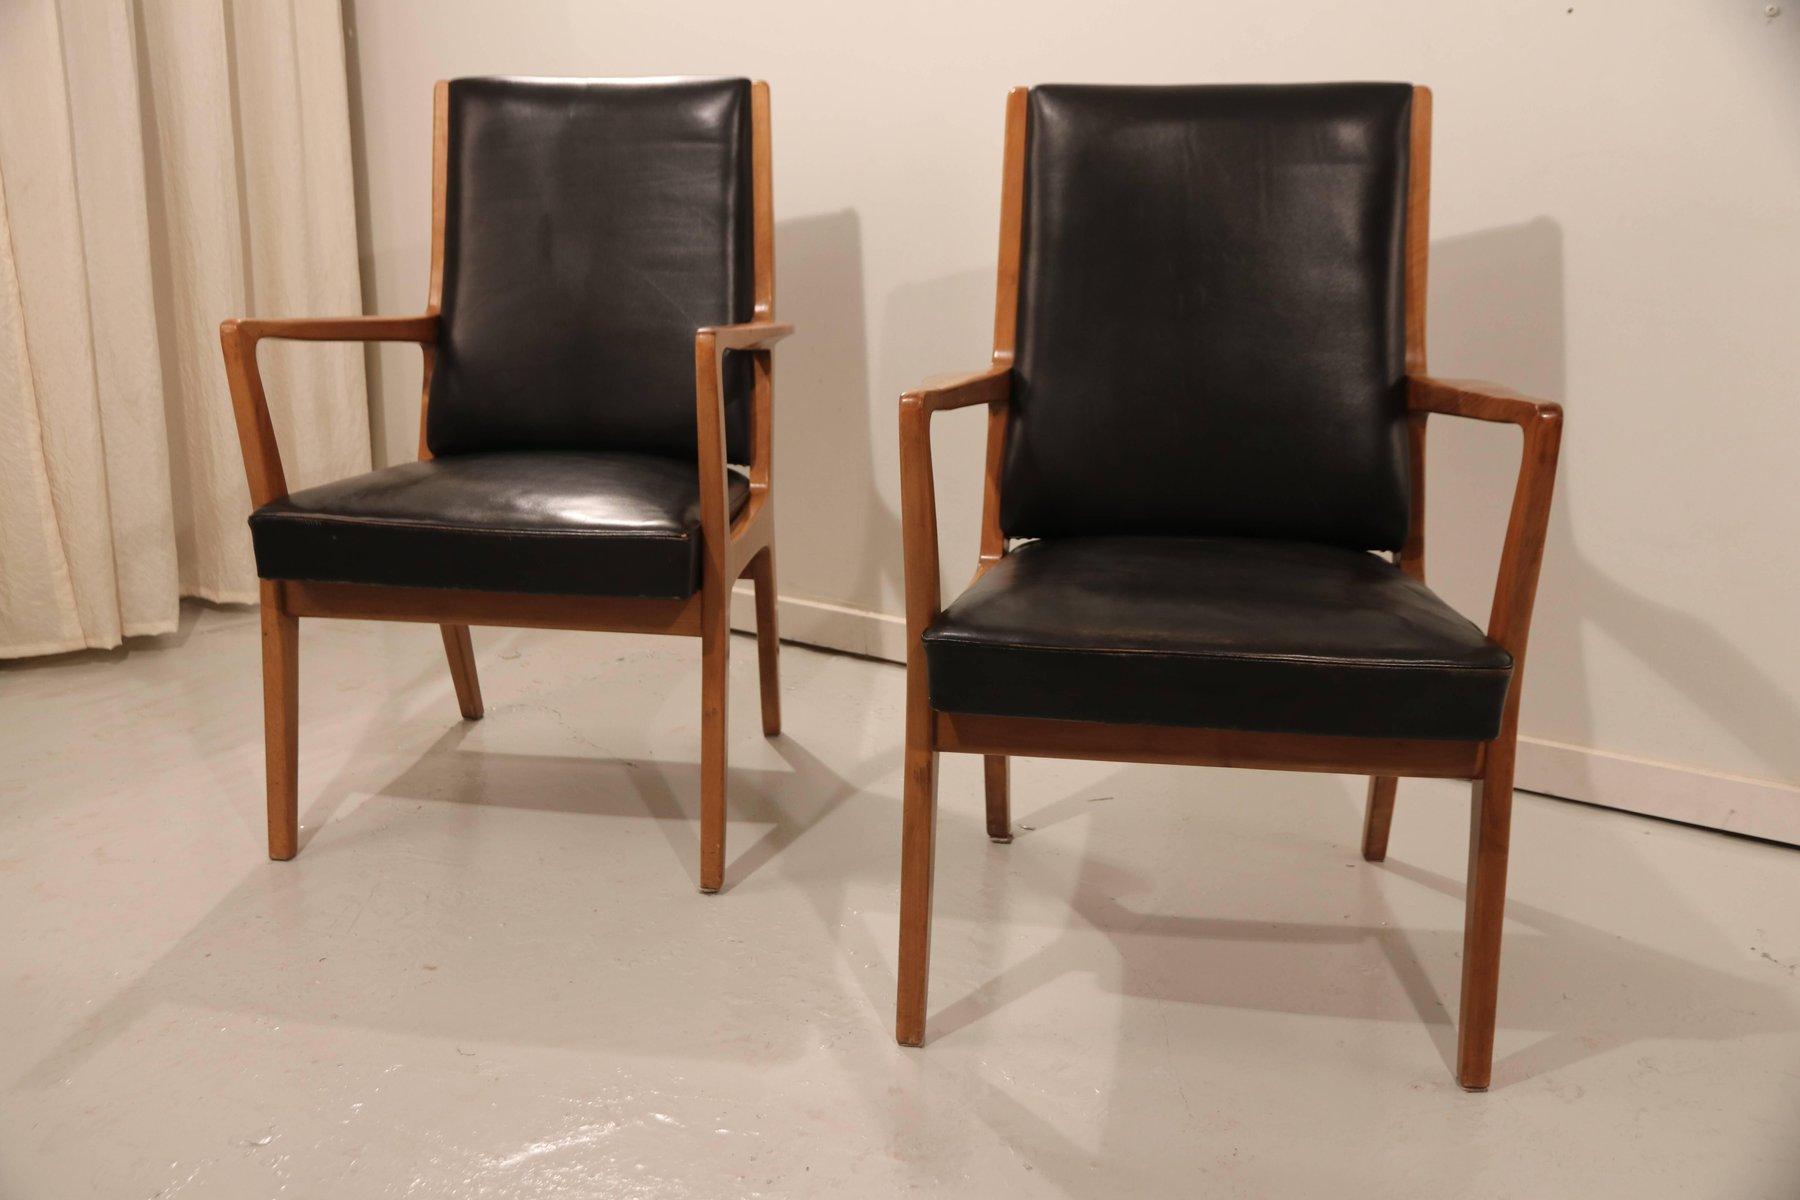 Sedie Vintage Pelle : Sedie vintage in pelle set di 2 in vendita su pamono